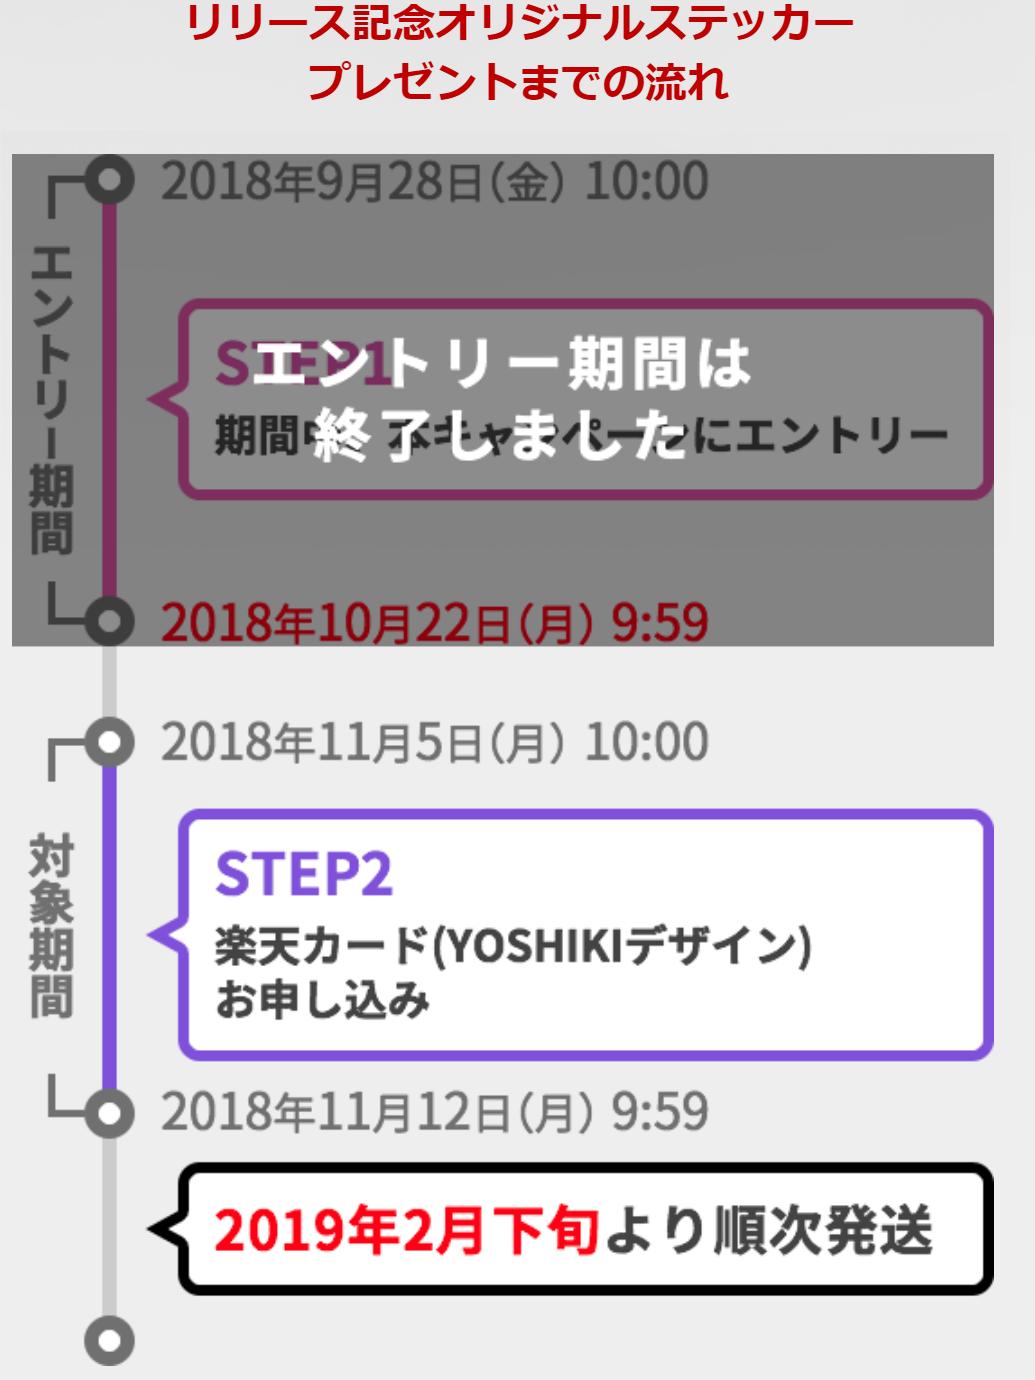 楽天カード(YOSHIKI)の新規入会キャンペーンのスケジュール